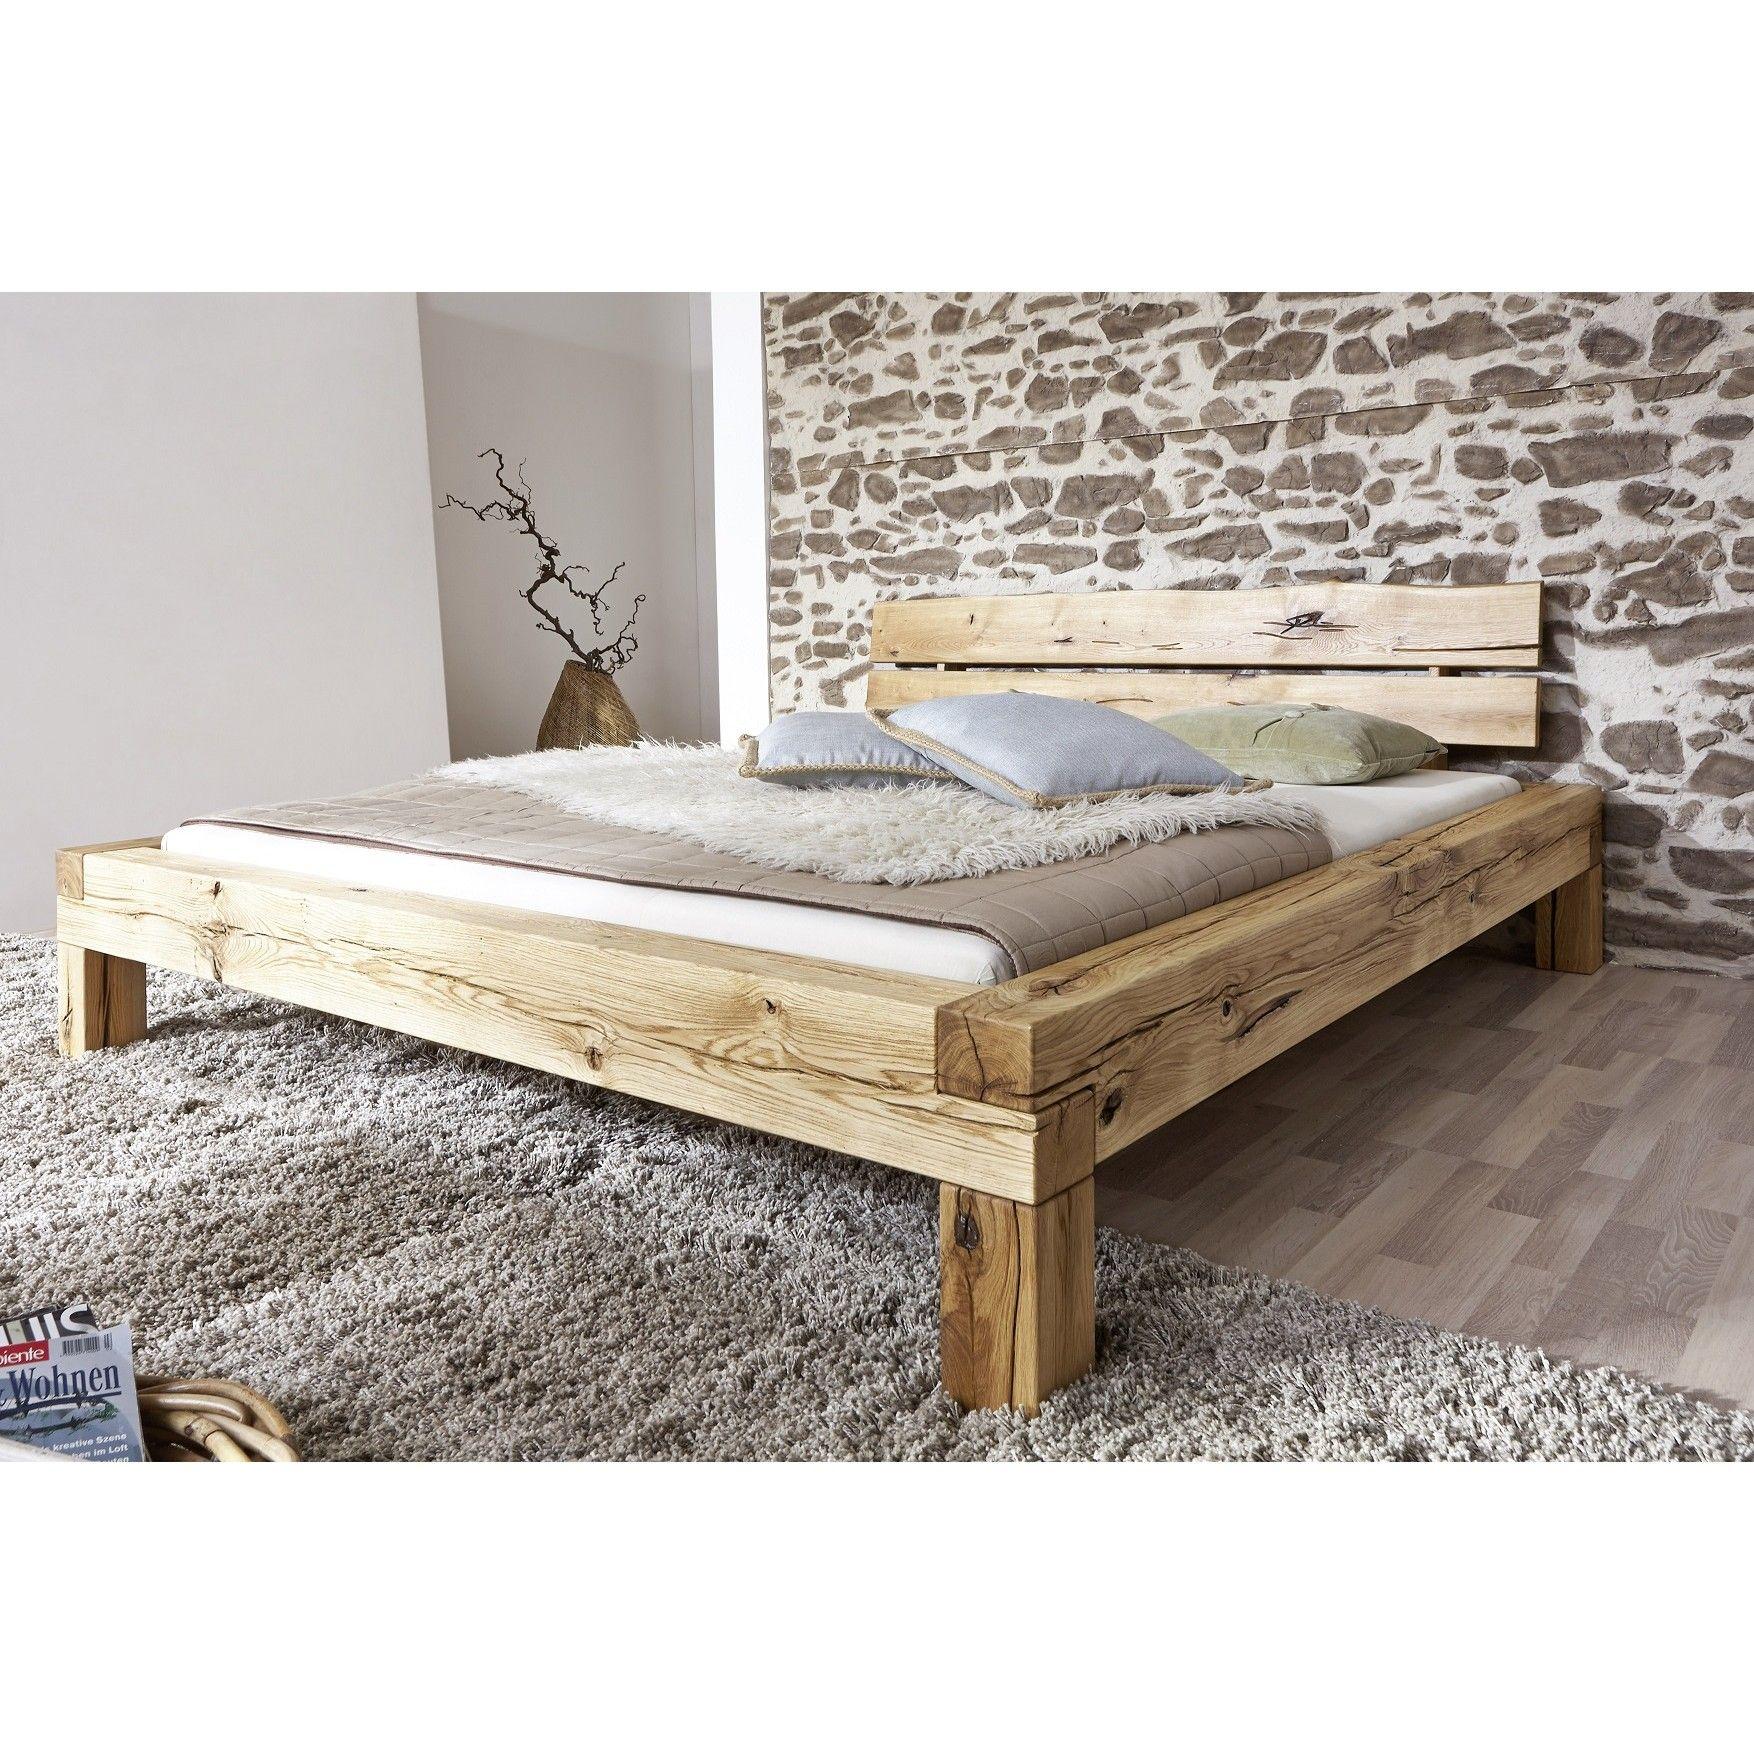 Doppelbett 180x200cm Wildeiche Geolt Manuel Bett Bauen Holzbalken Bett Wohnen